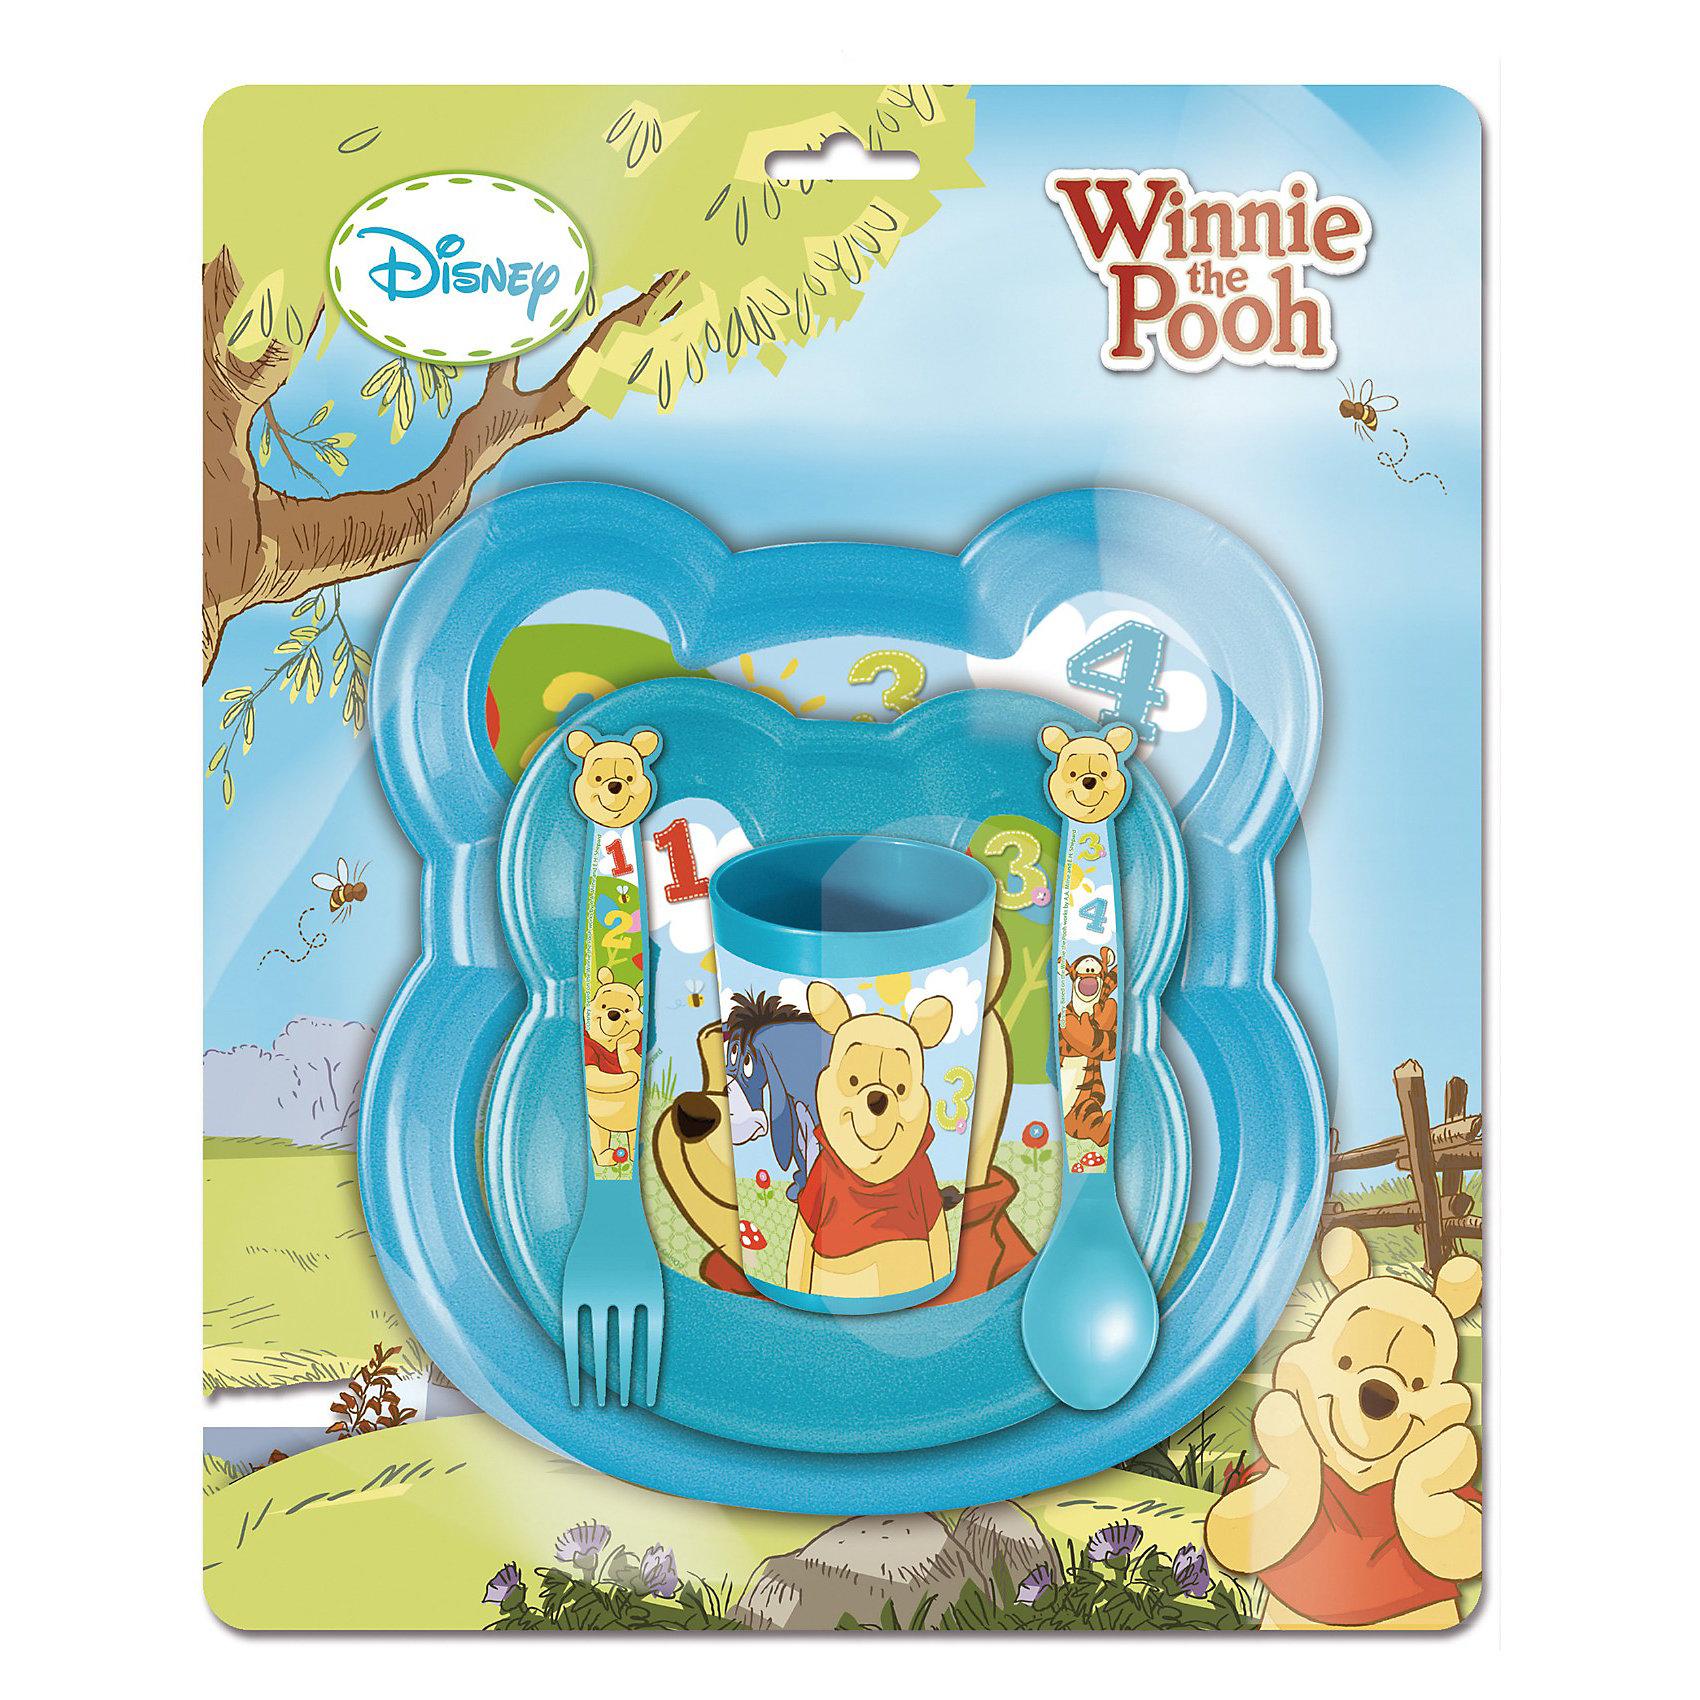 Набор посуды (5 предметов), Винни ПухОригинальная яркая детская посуда с  изображением любимых диснеевских героев непременно порадует Вашего малыша и Вам не придется уговаривать его покушать: теперь это его любимое занятие!<br><br>Дополнительная информация:<br><br>В набор входит: миска + тарелка + ложка + вилка + стакан.<br>Диаметр: 16 см.<br>Посуда пластиковая.<br><br>Набор создаст незабываемую атмосферу праздника!<br><br>Ширина мм: 190<br>Глубина мм: 230<br>Высота мм: 100<br>Вес г: 350<br>Возраст от месяцев: 36<br>Возраст до месяцев: 156<br>Пол: Унисекс<br>Возраст: Детский<br>SKU: 3248301